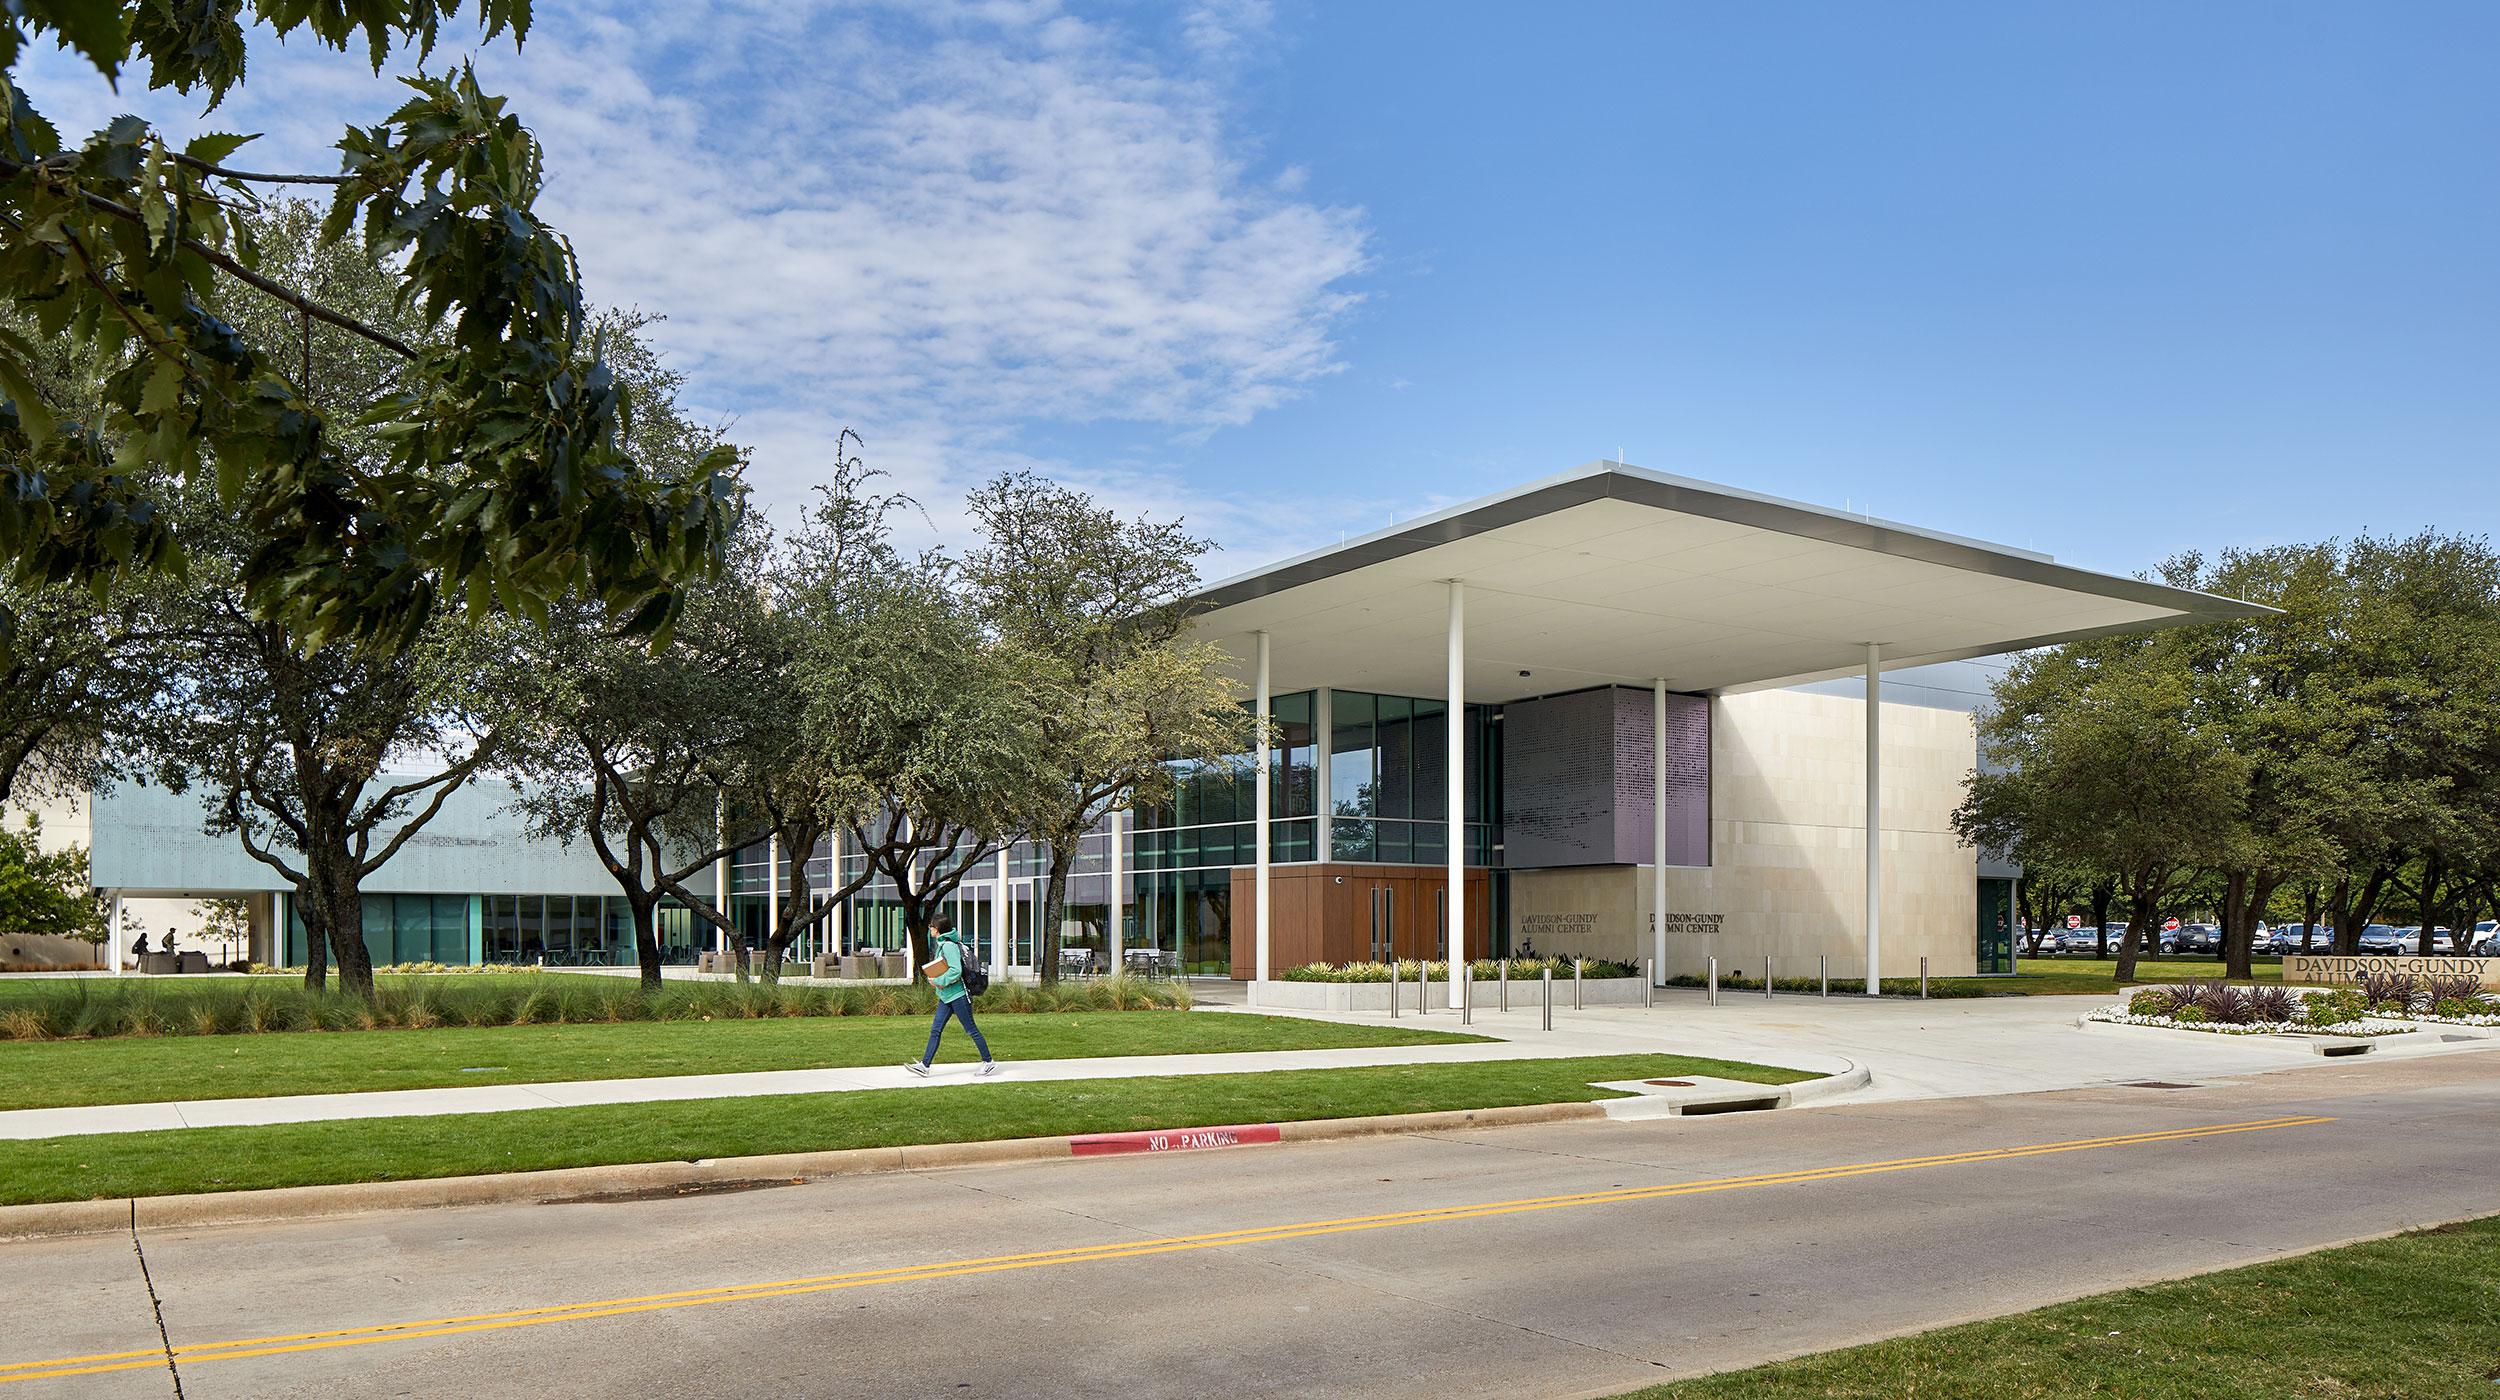 Davidson-Gundy Alumni Center at The University of Texas at Dallas